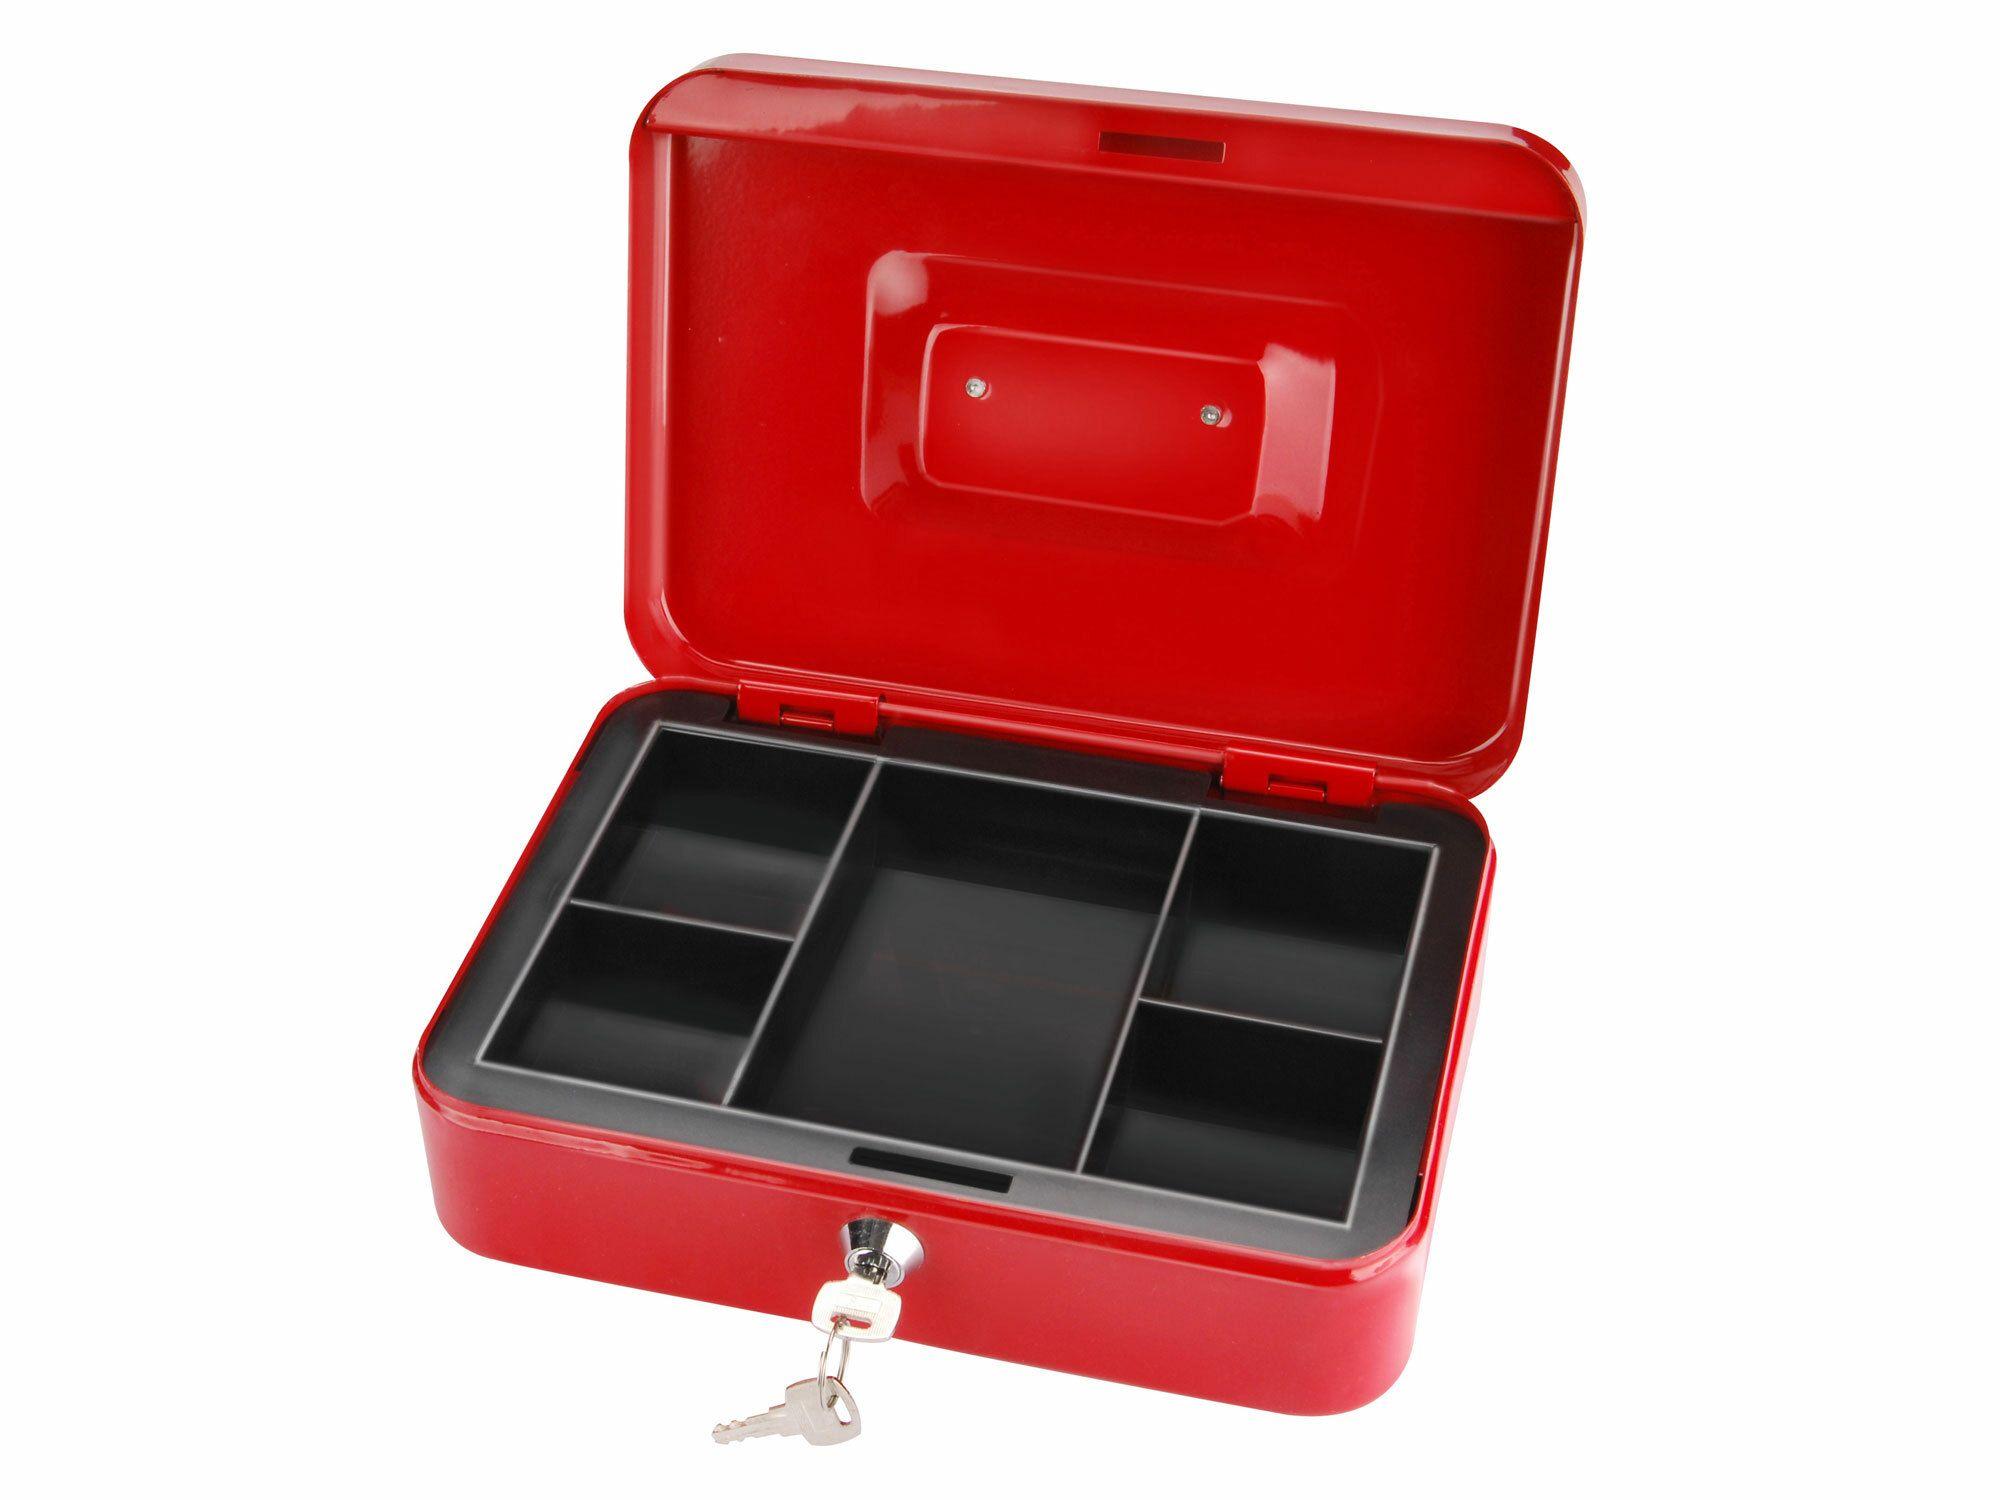 Schránka na peníze přenosná s pořadačem, 250x180x90mm, 2 klíče, EXTOL CRAFT